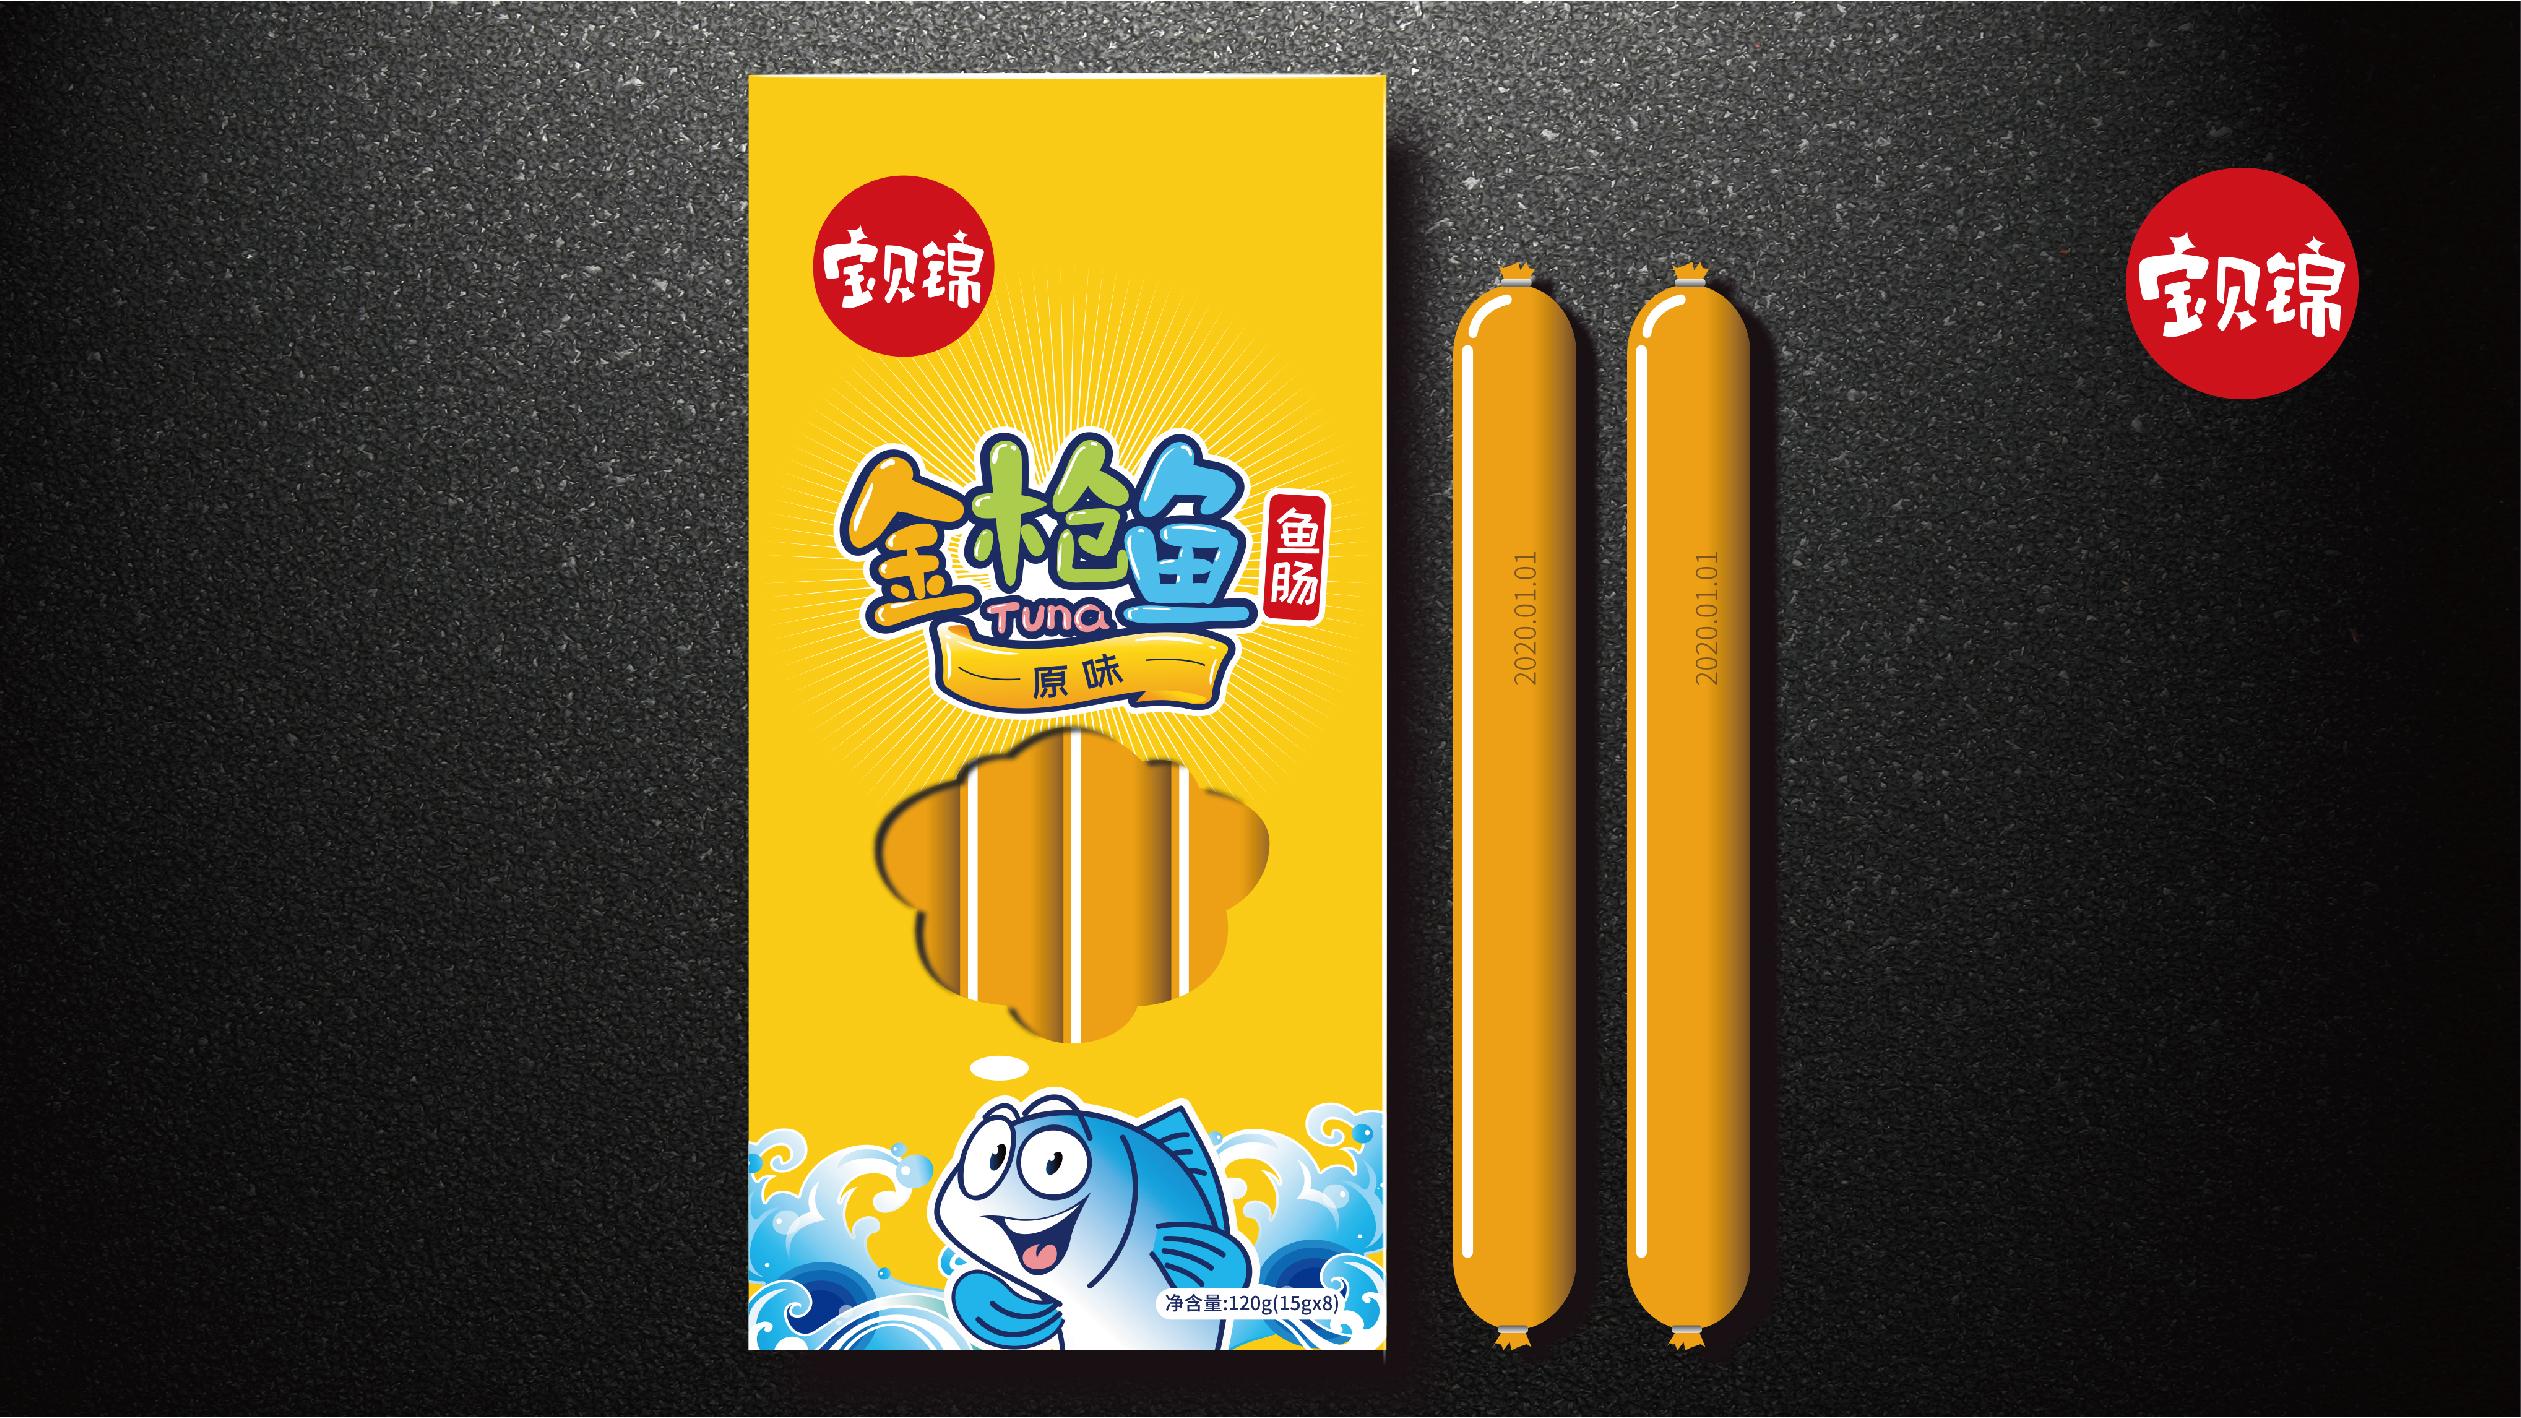 宝贝锦金枪鱼食品包装延展设计